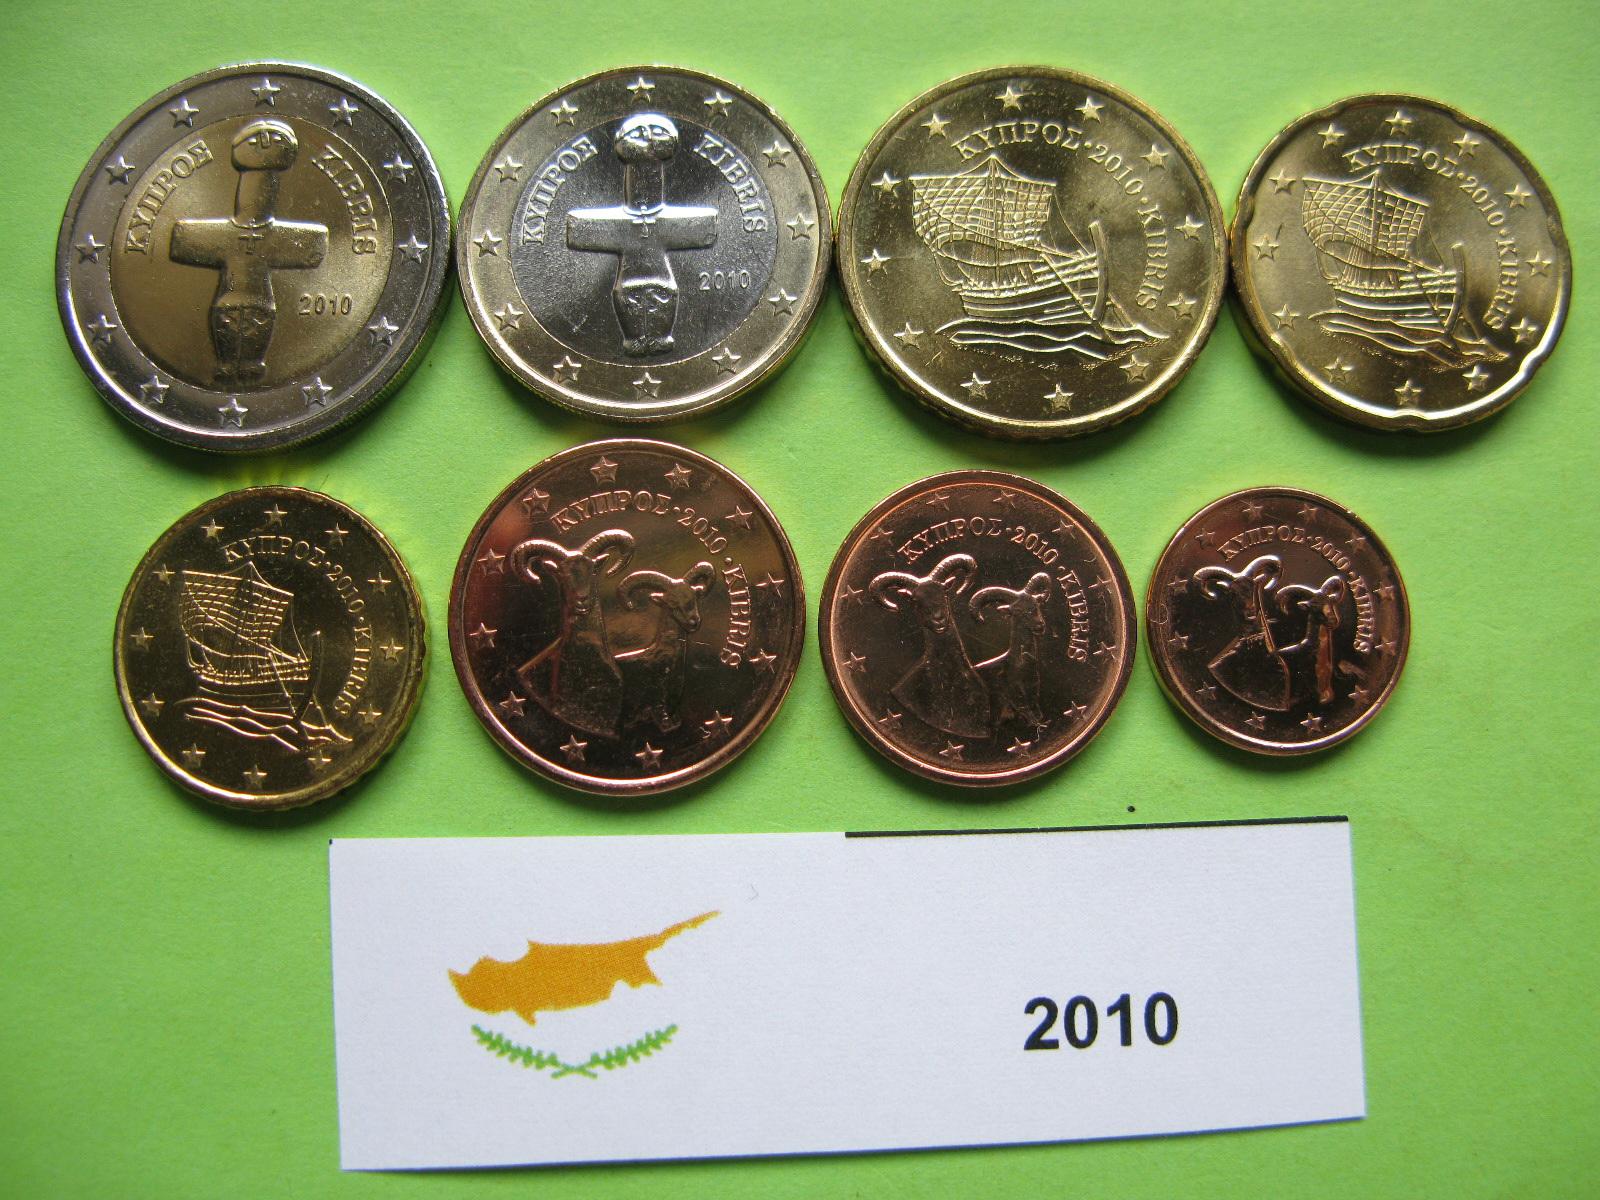 Кипр  набор монет 2010 г.  UNC